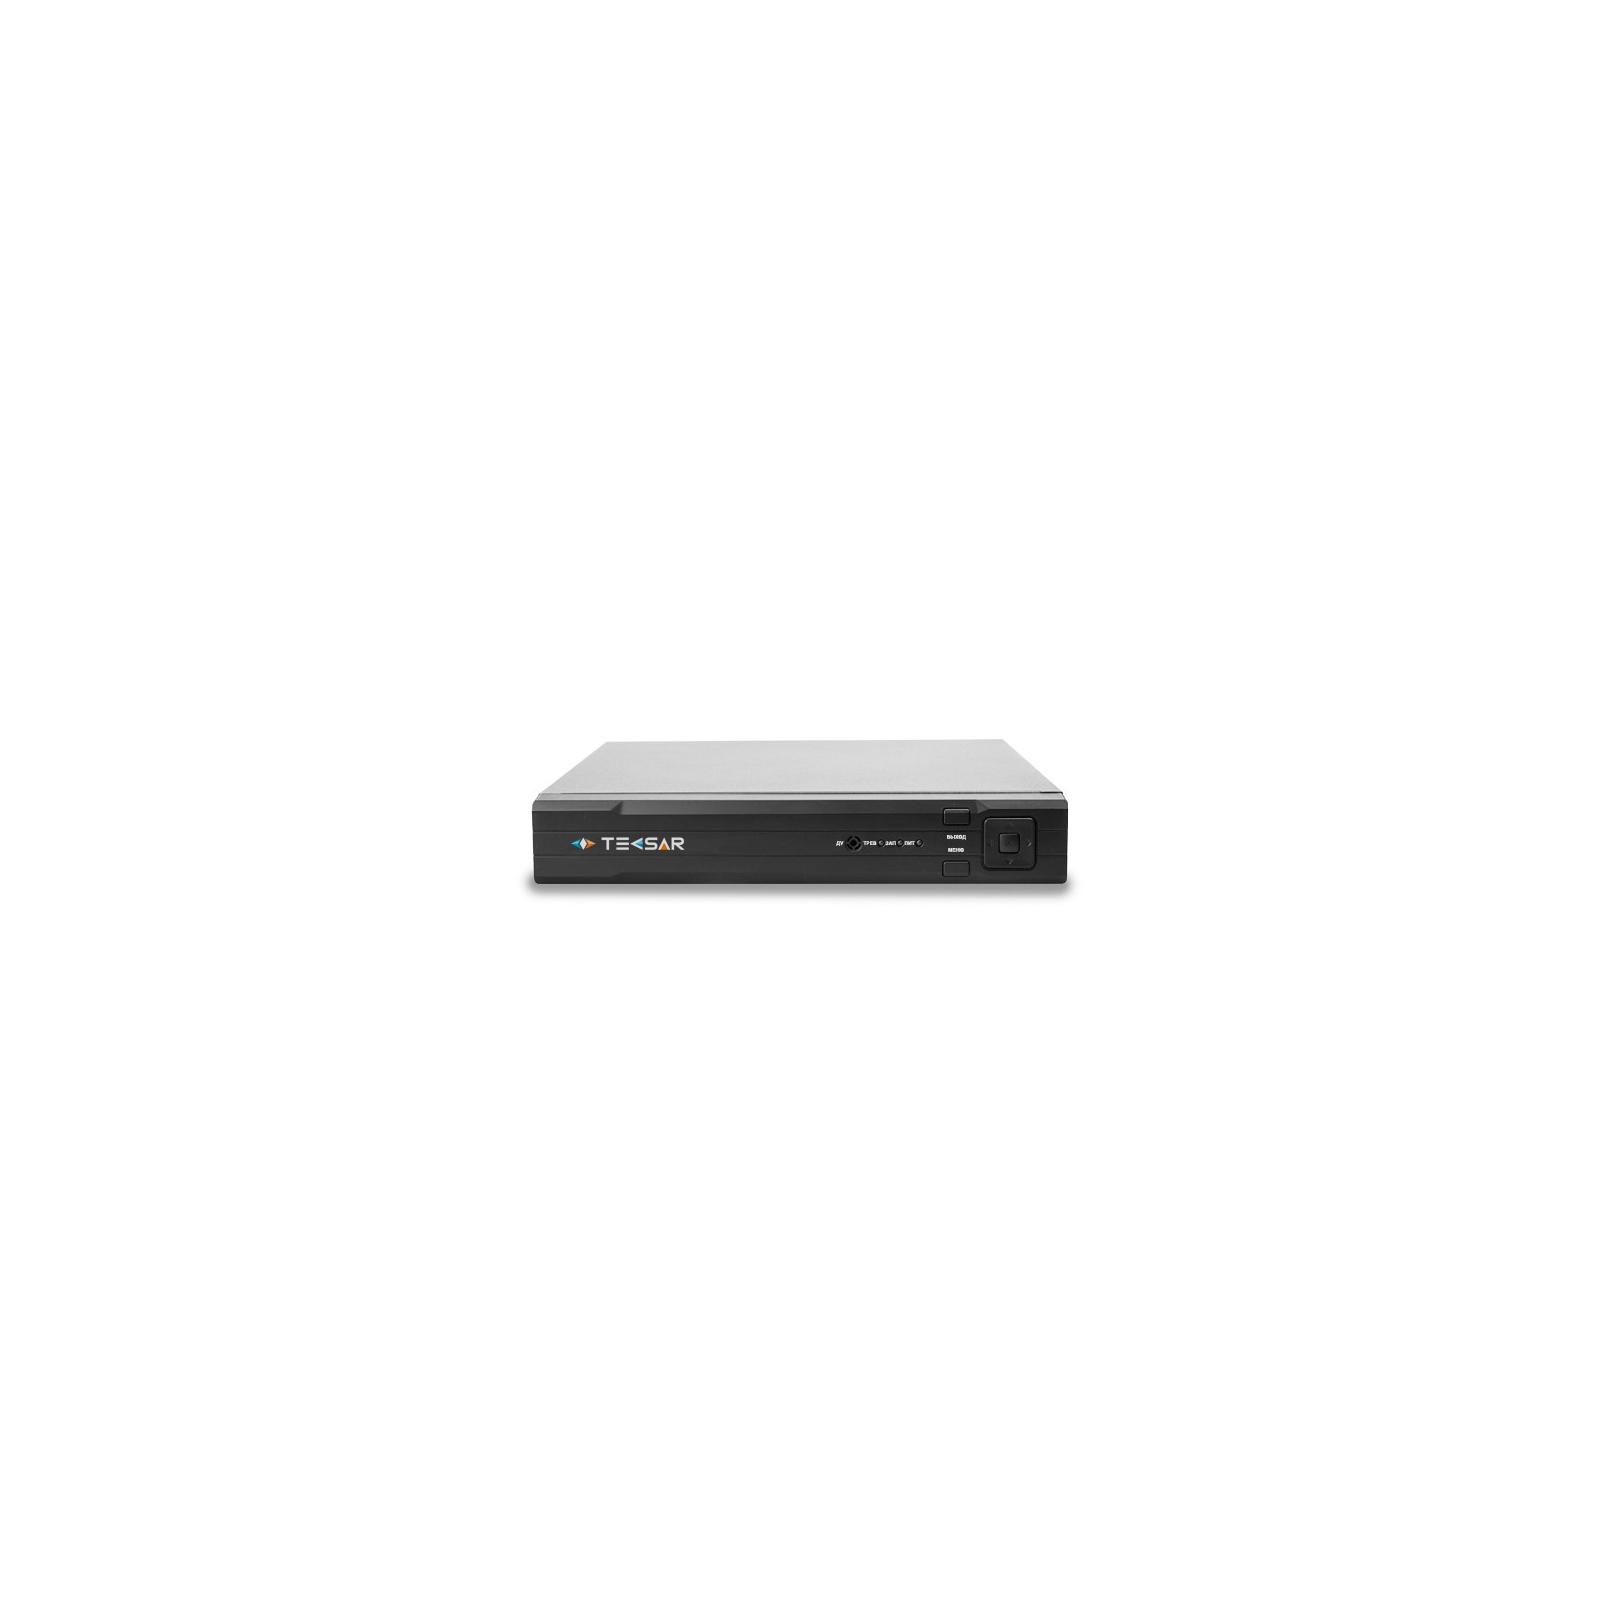 Регистратор для видеонаблюдения Tecsar NVR14-8F0P-H (6393) изображение 2